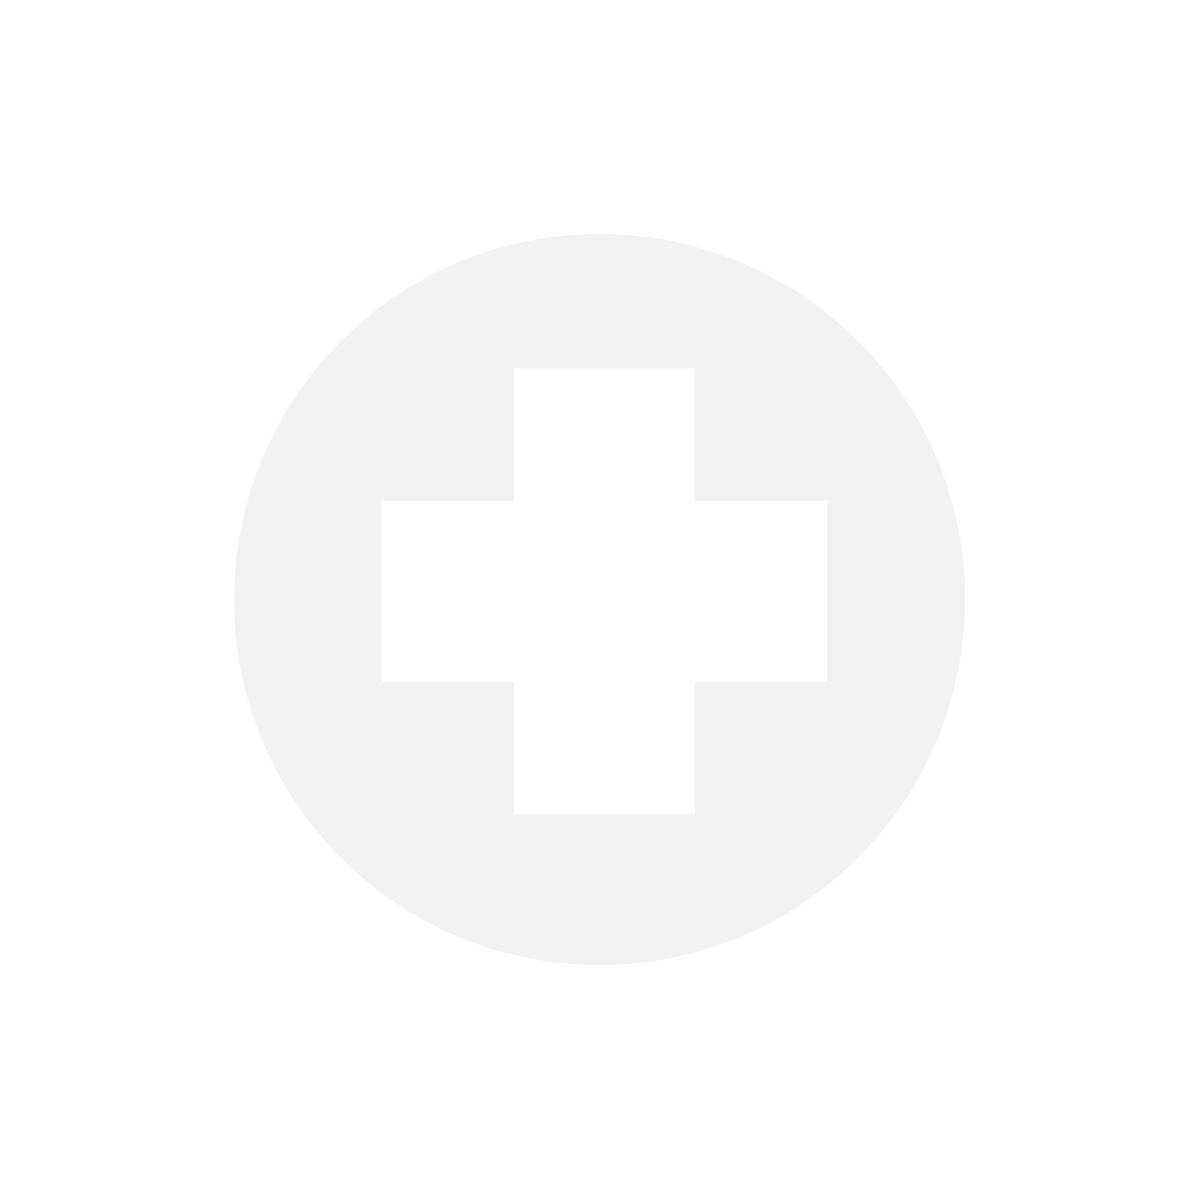 Care Fitness Elliptique HELIS EMS MYCARE